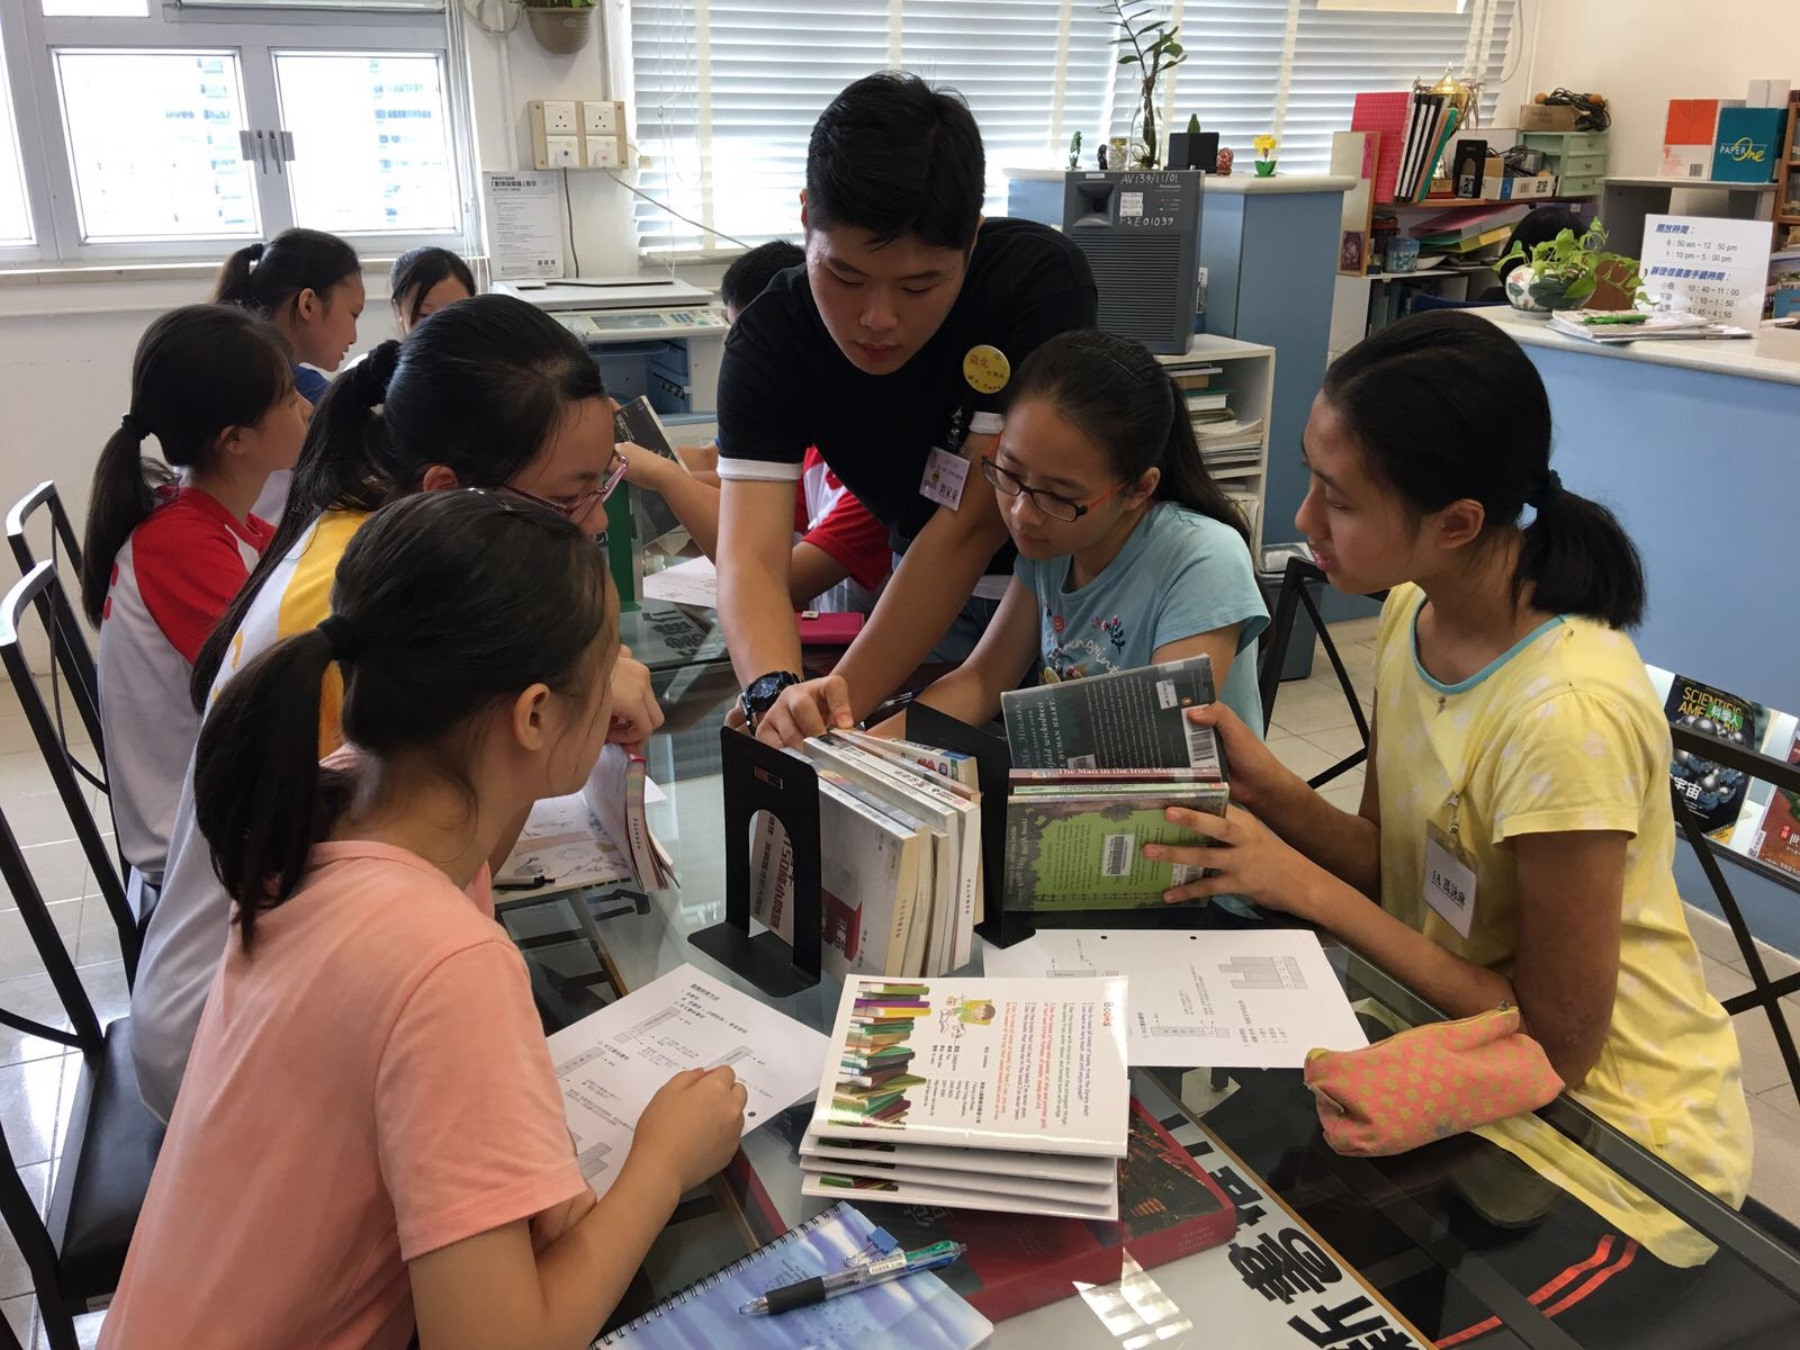 http://www.npc.edu.hk/sites/default/files/1a_kai_qi_zhi_shi_bao_ku_zhi_men_20170816_02.jpg